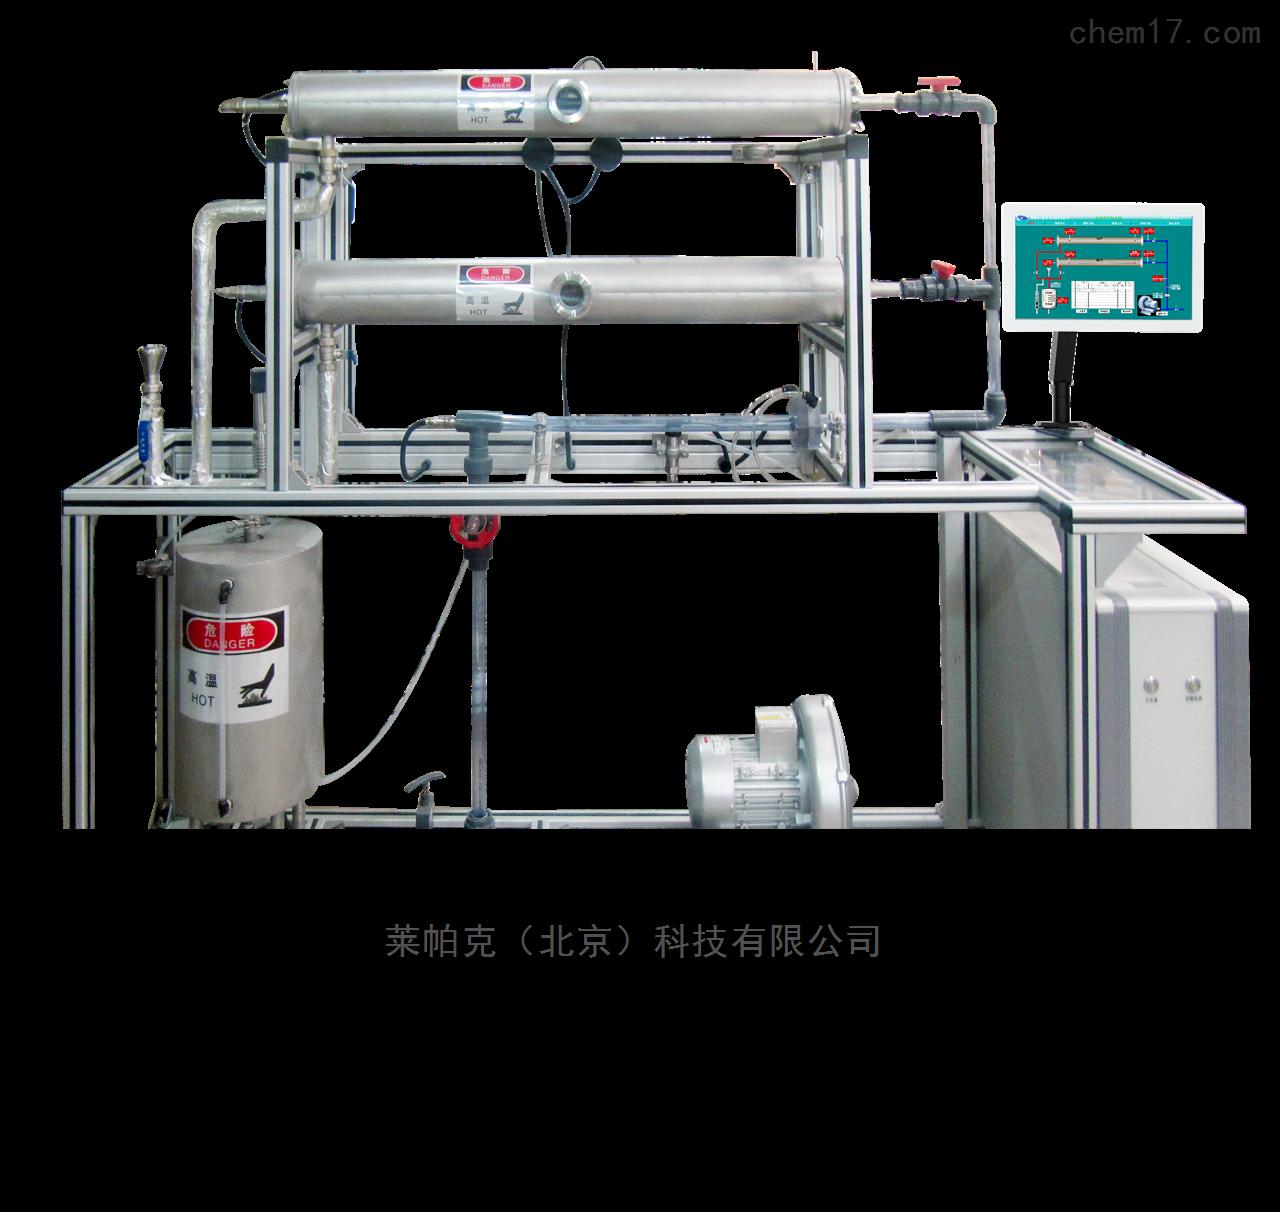 双套管传热实验装置  LPK-BHTD